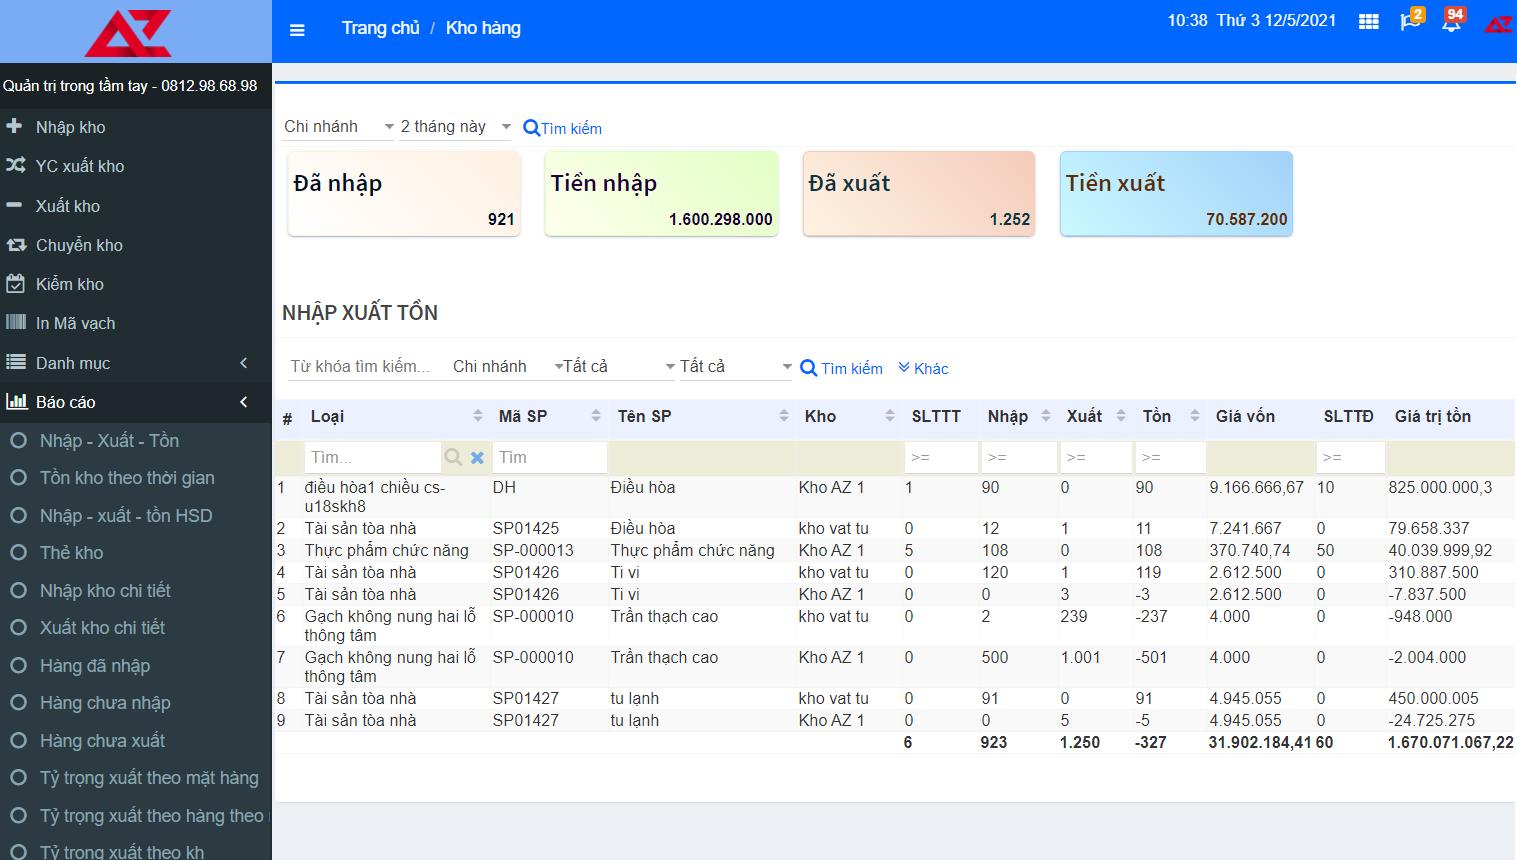 Quản lý chi tiết kho trên phần mềm quản lý bán hàng AZ POS tránh thất thoát hàng hóa